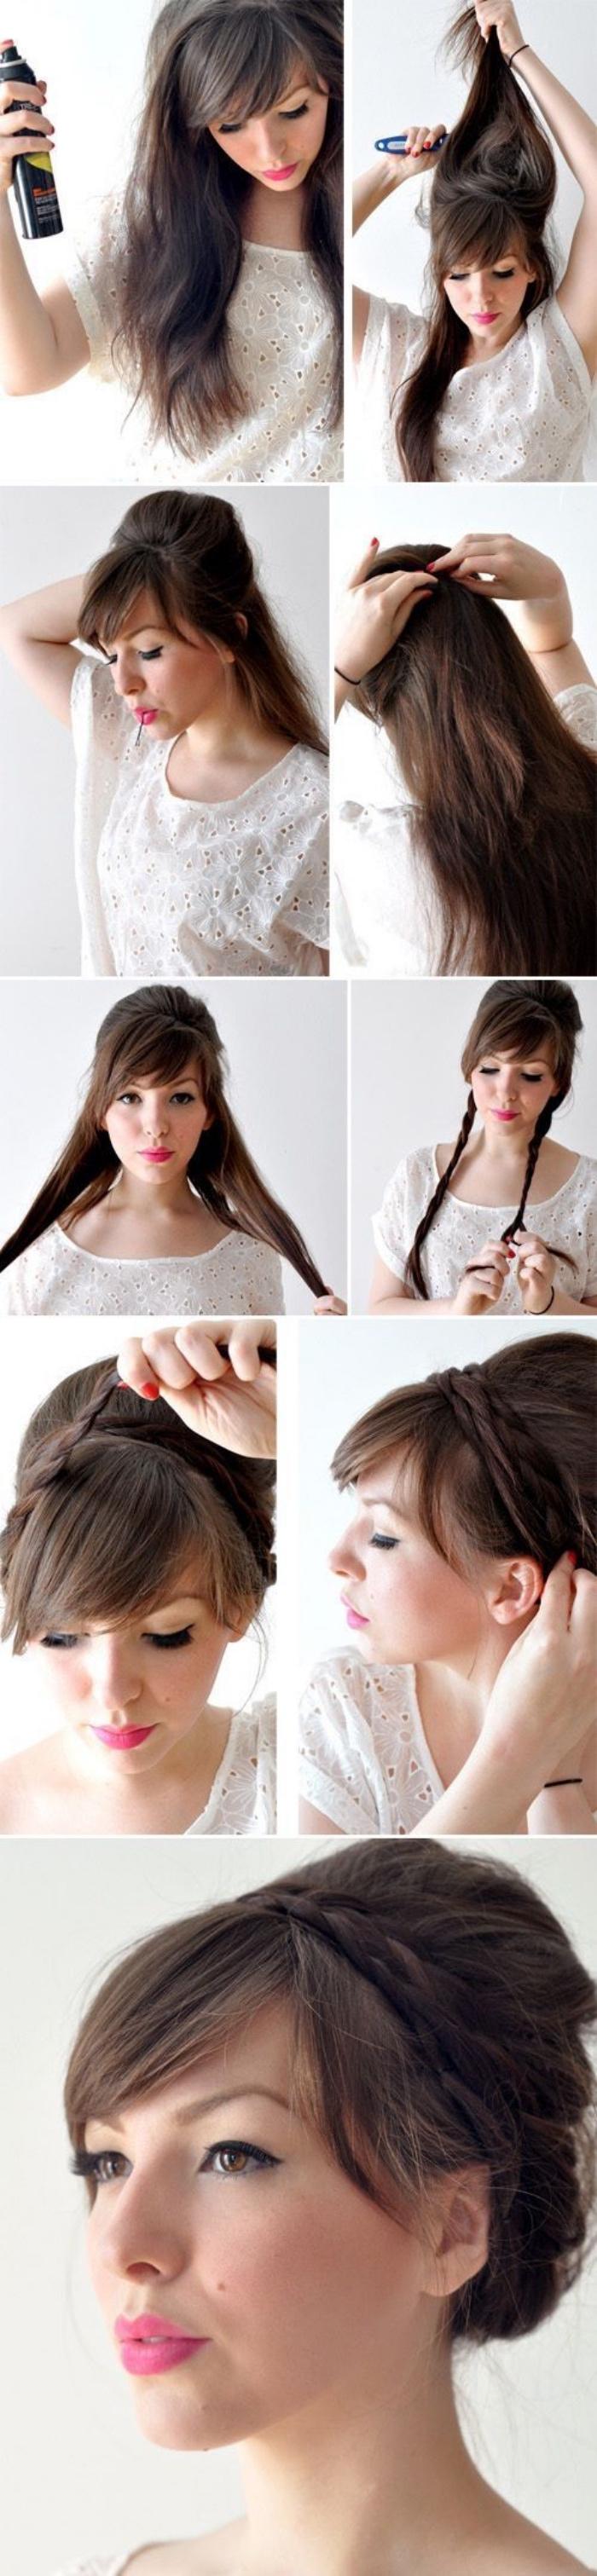 tuto coiffure a réaliser soi meme, chignon tressé, technique de coiffure simple, cheveux chatain long femme